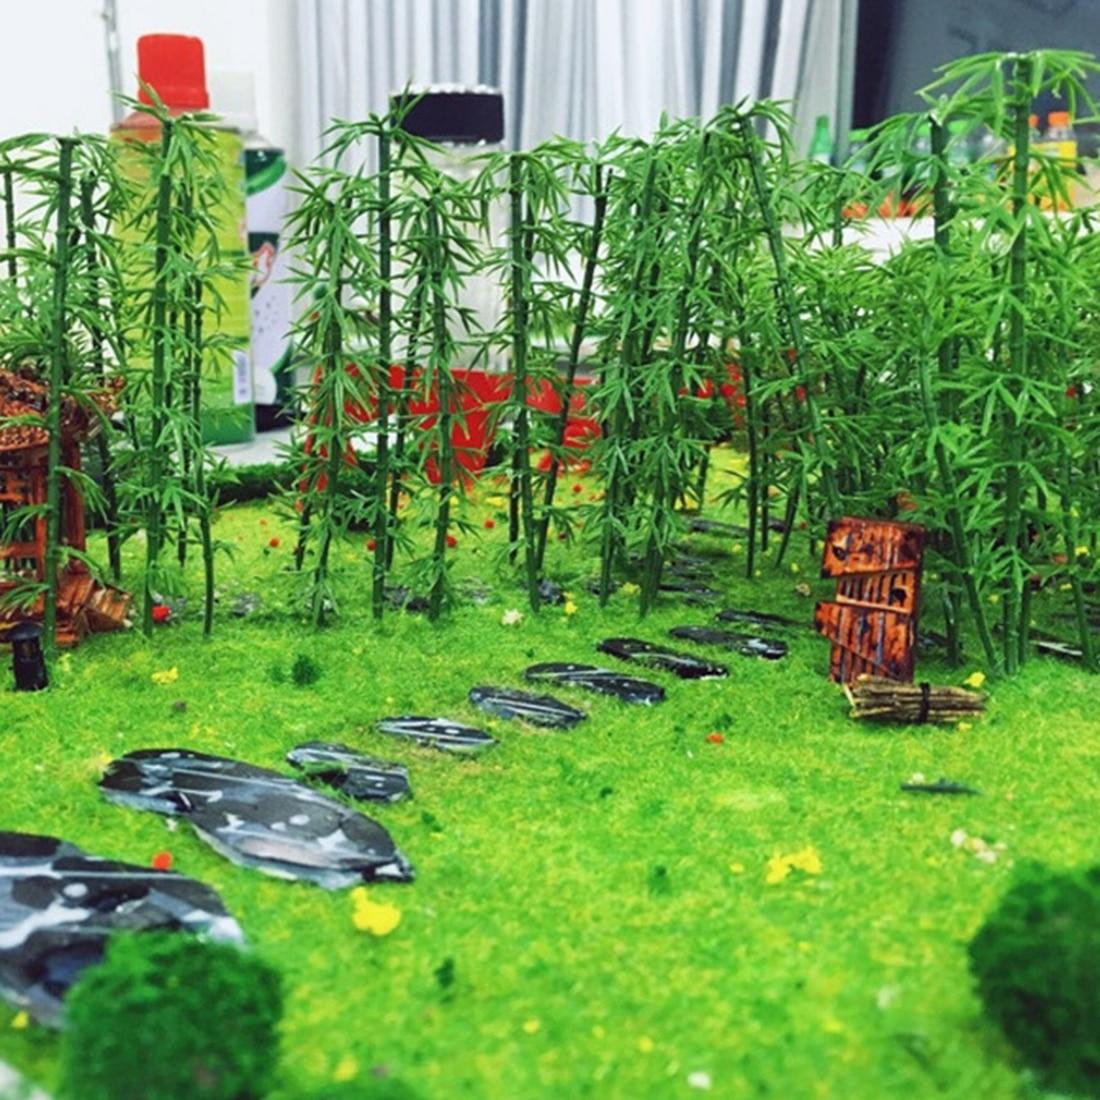 50Pcs 12cm/100Pcs 15cm/100Pcs 13cm Plastic Miniature Model Tree Landscape Bamboo Tree Sand Table Model Decor